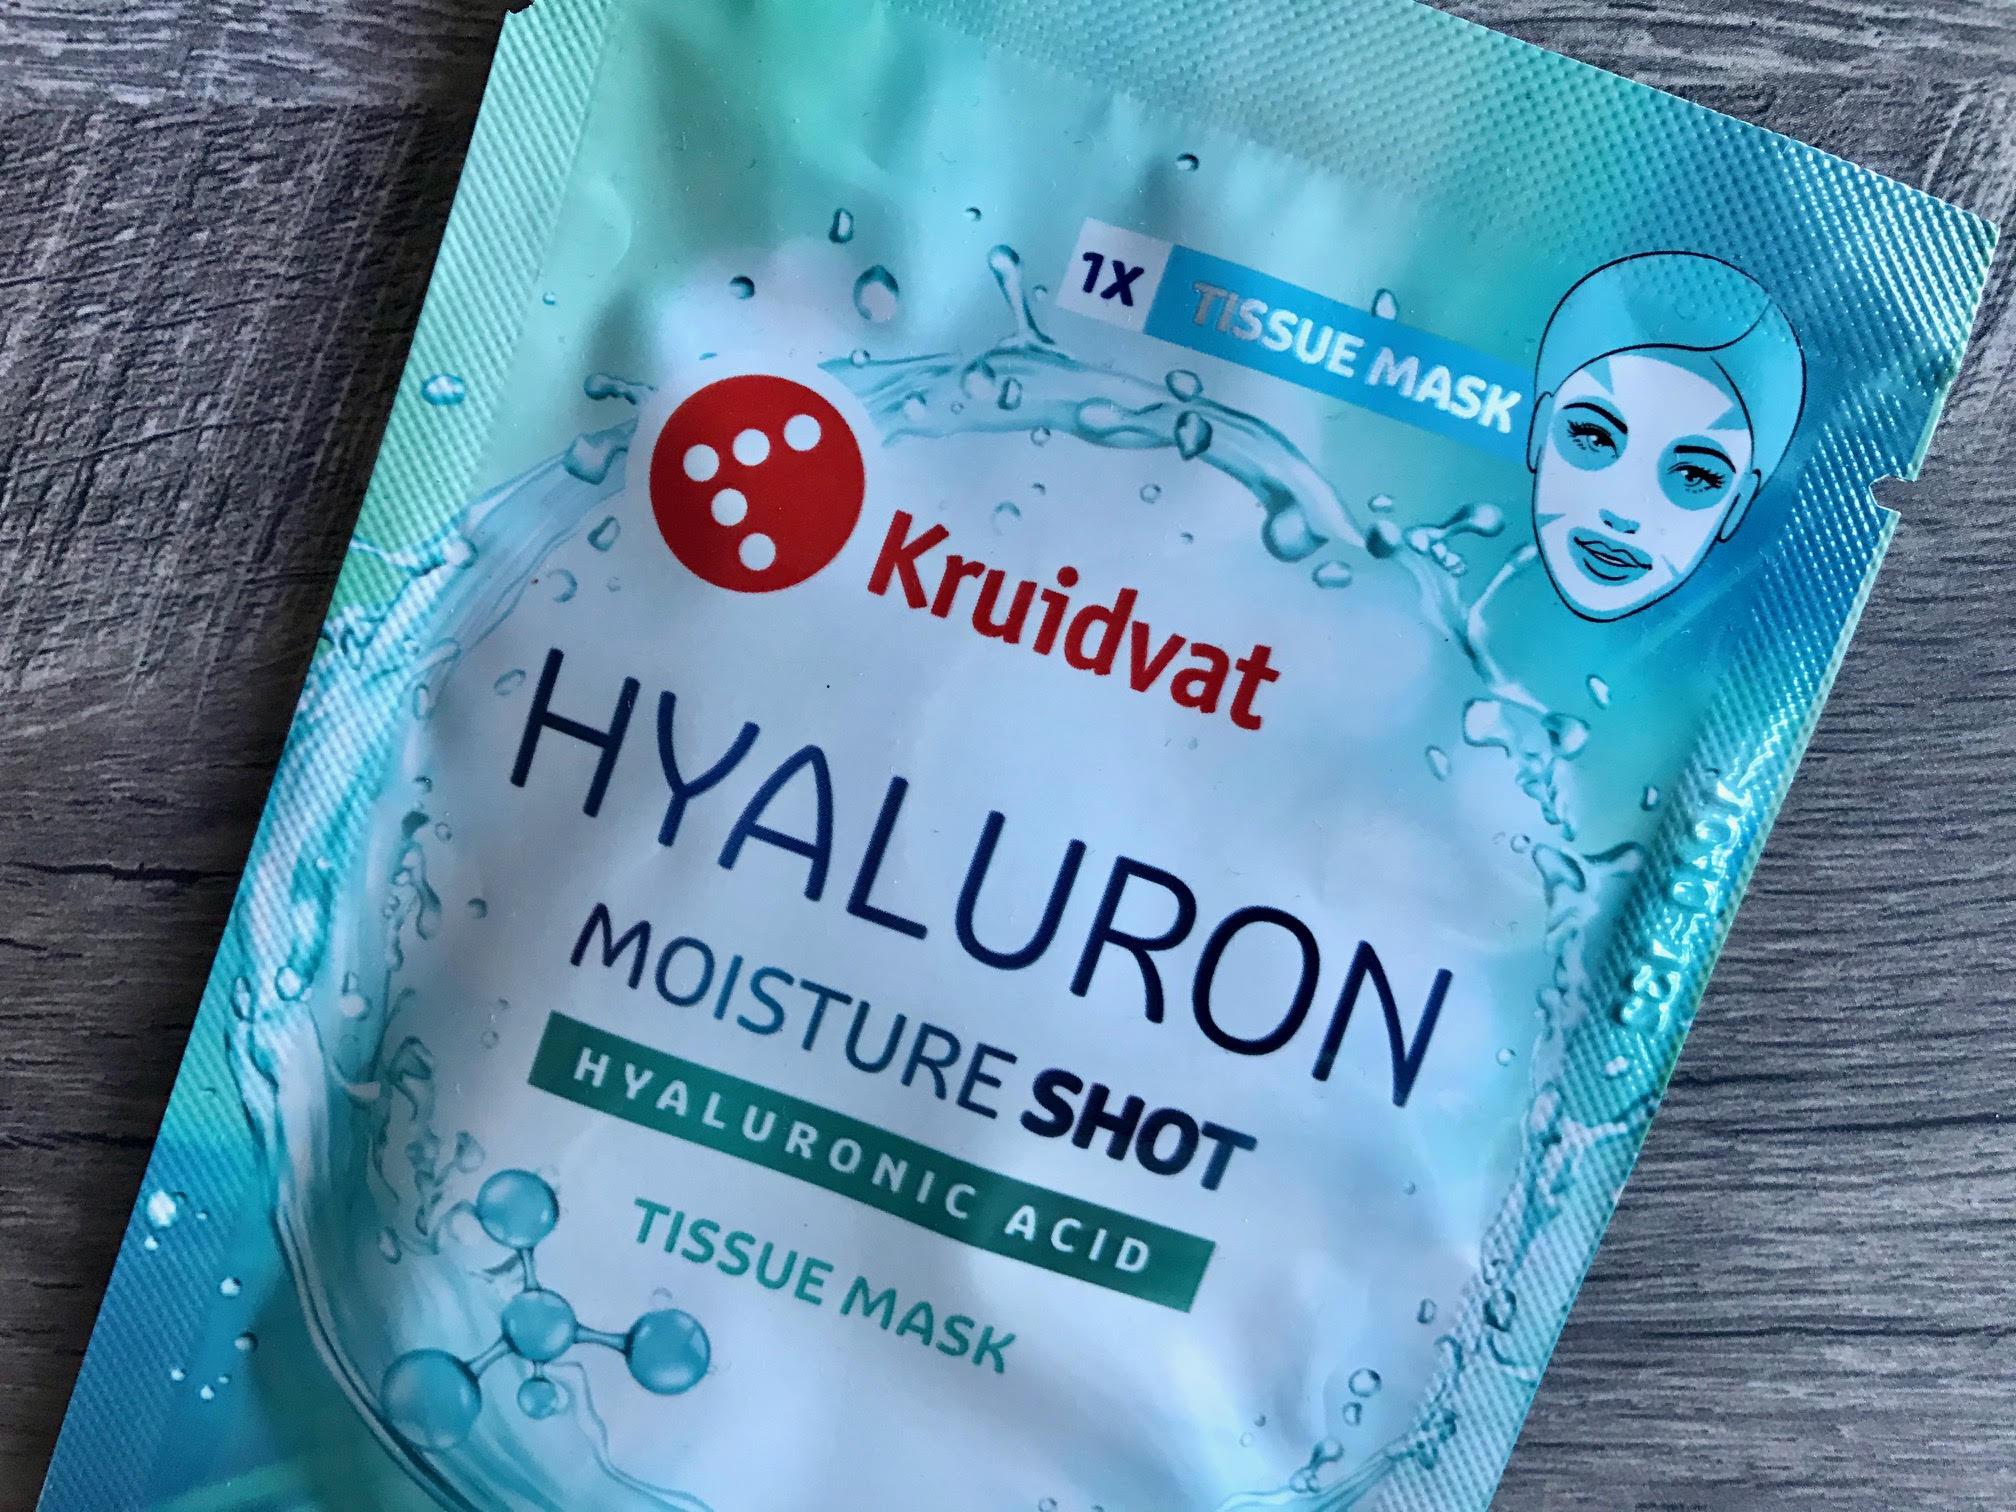 kruidvat hyaluron moisture shot tissue mask